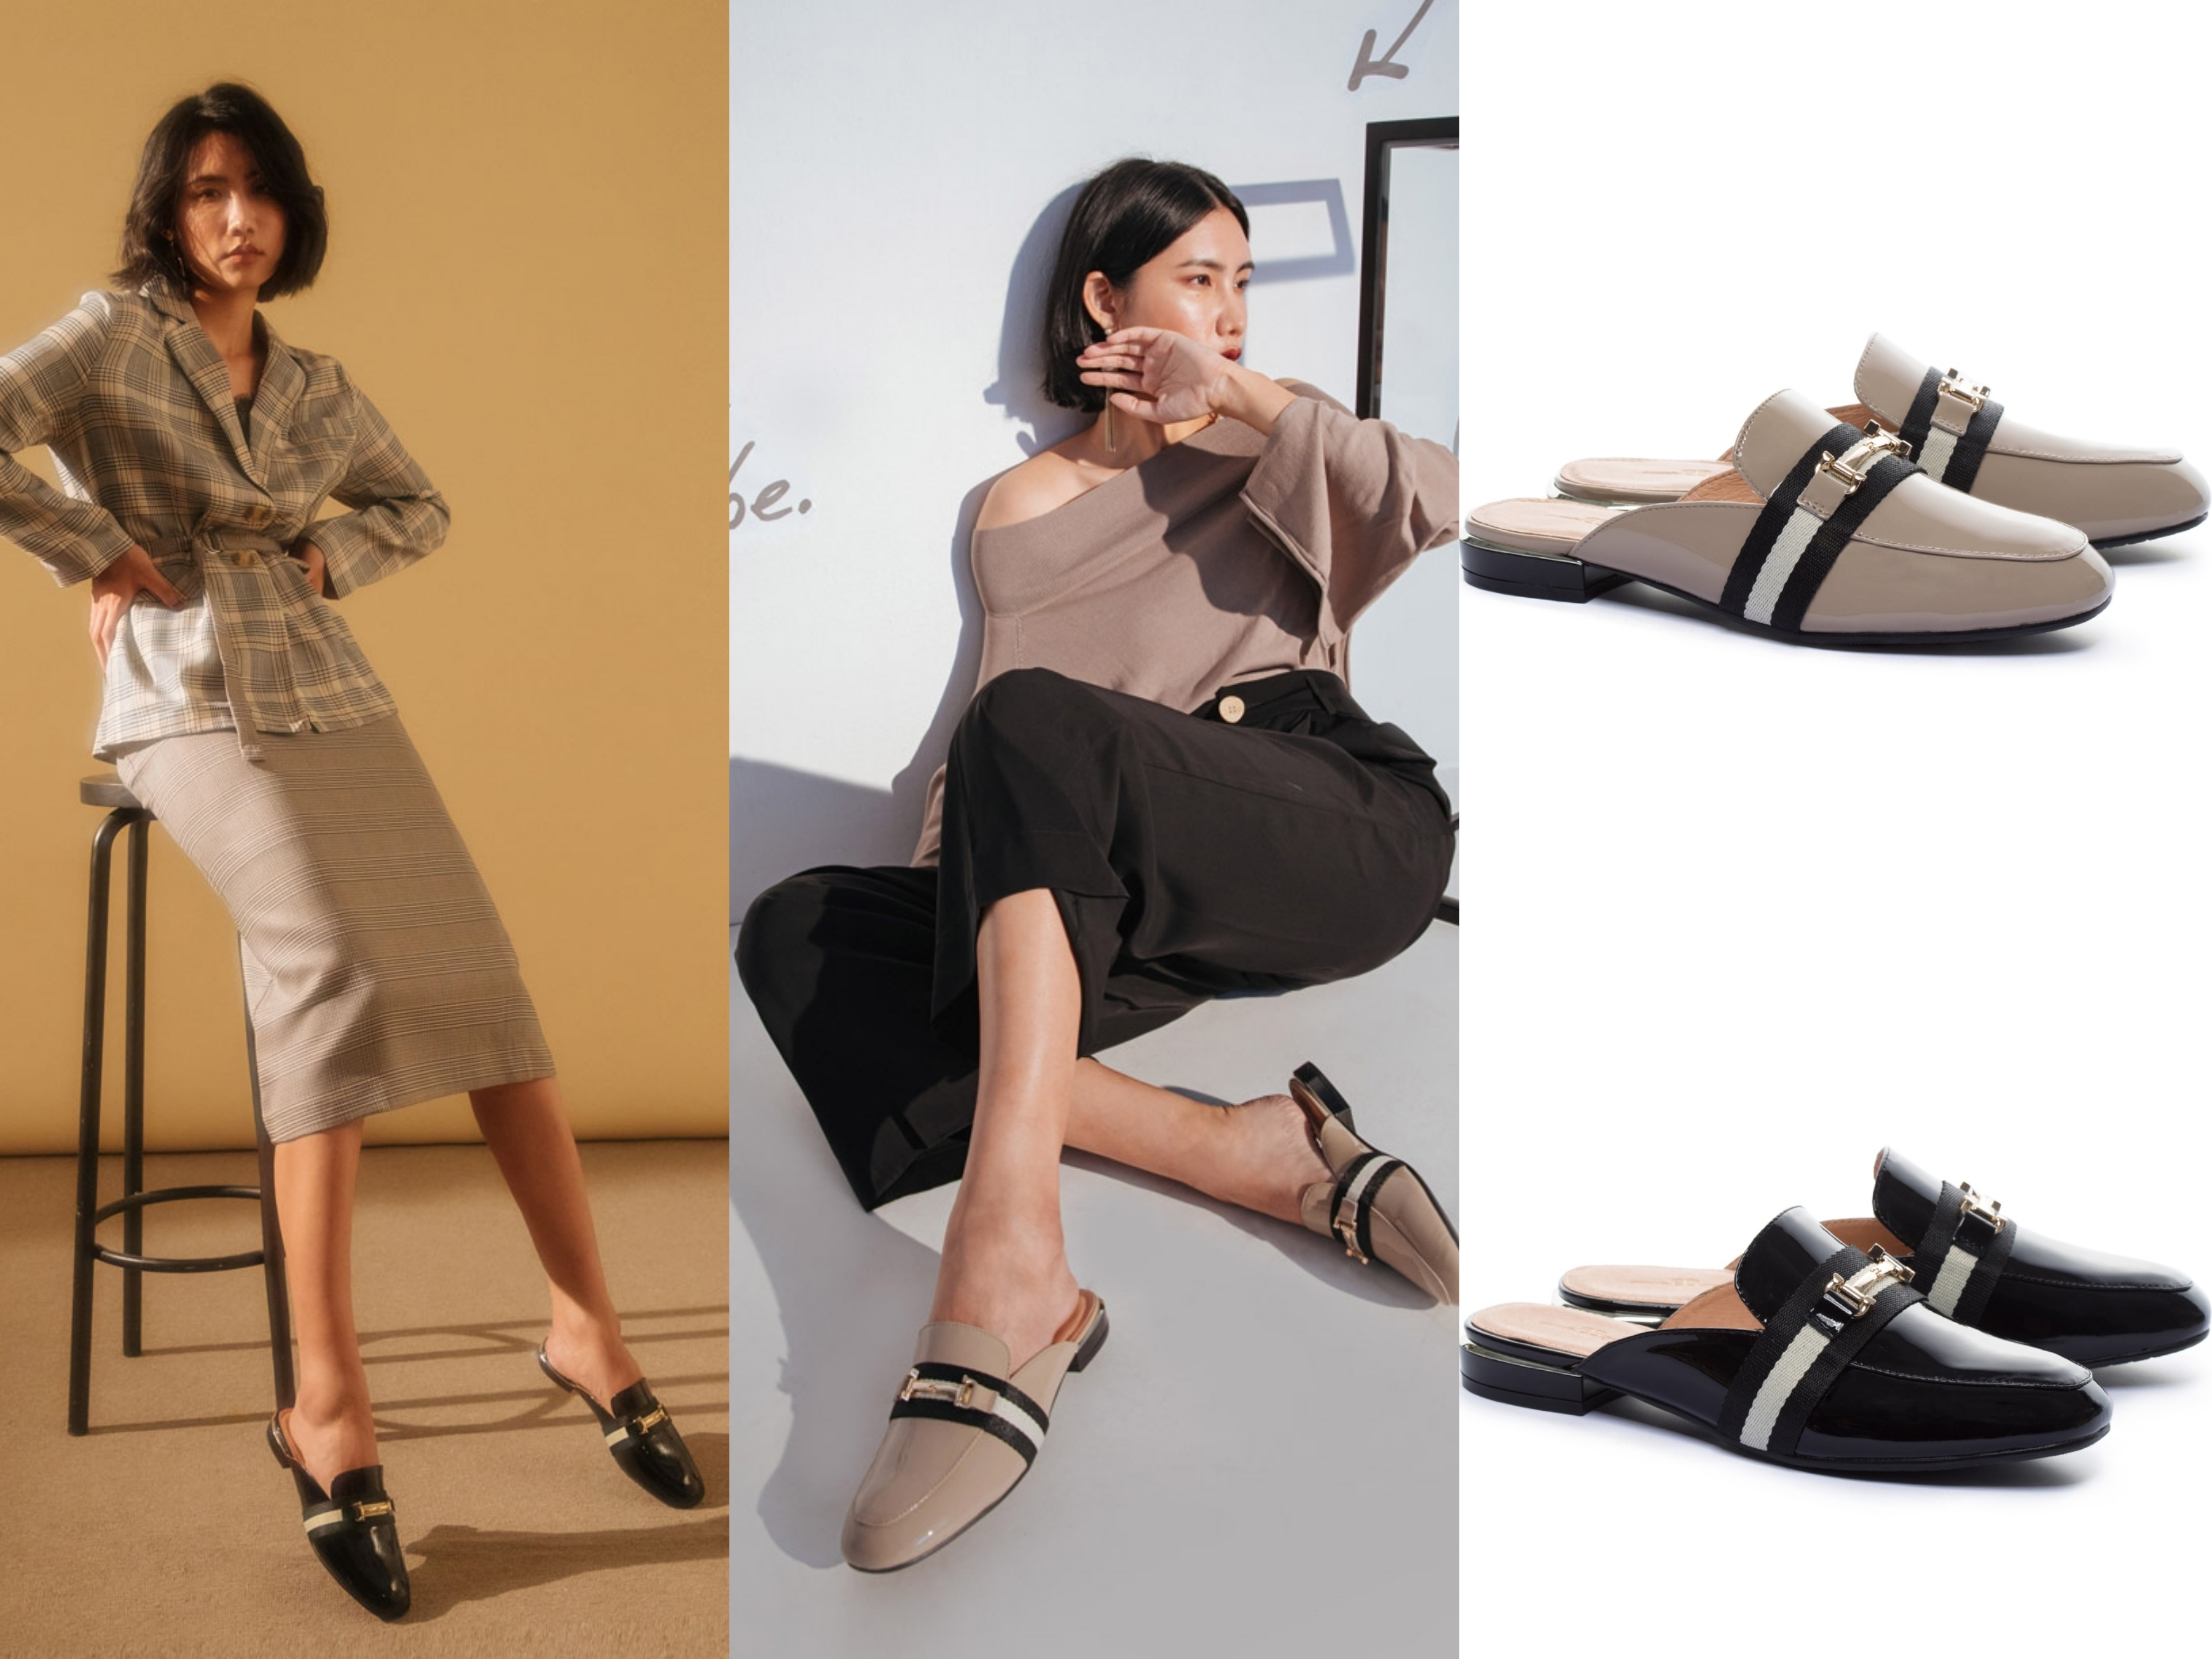 AS 經典潮流金屬釦撞色織帶牛漆皮低跟穆勒拖鞋(兩色) 經典潮流金屬釦穆勒拖鞋款,質感超軟牛漆皮面料製作而成